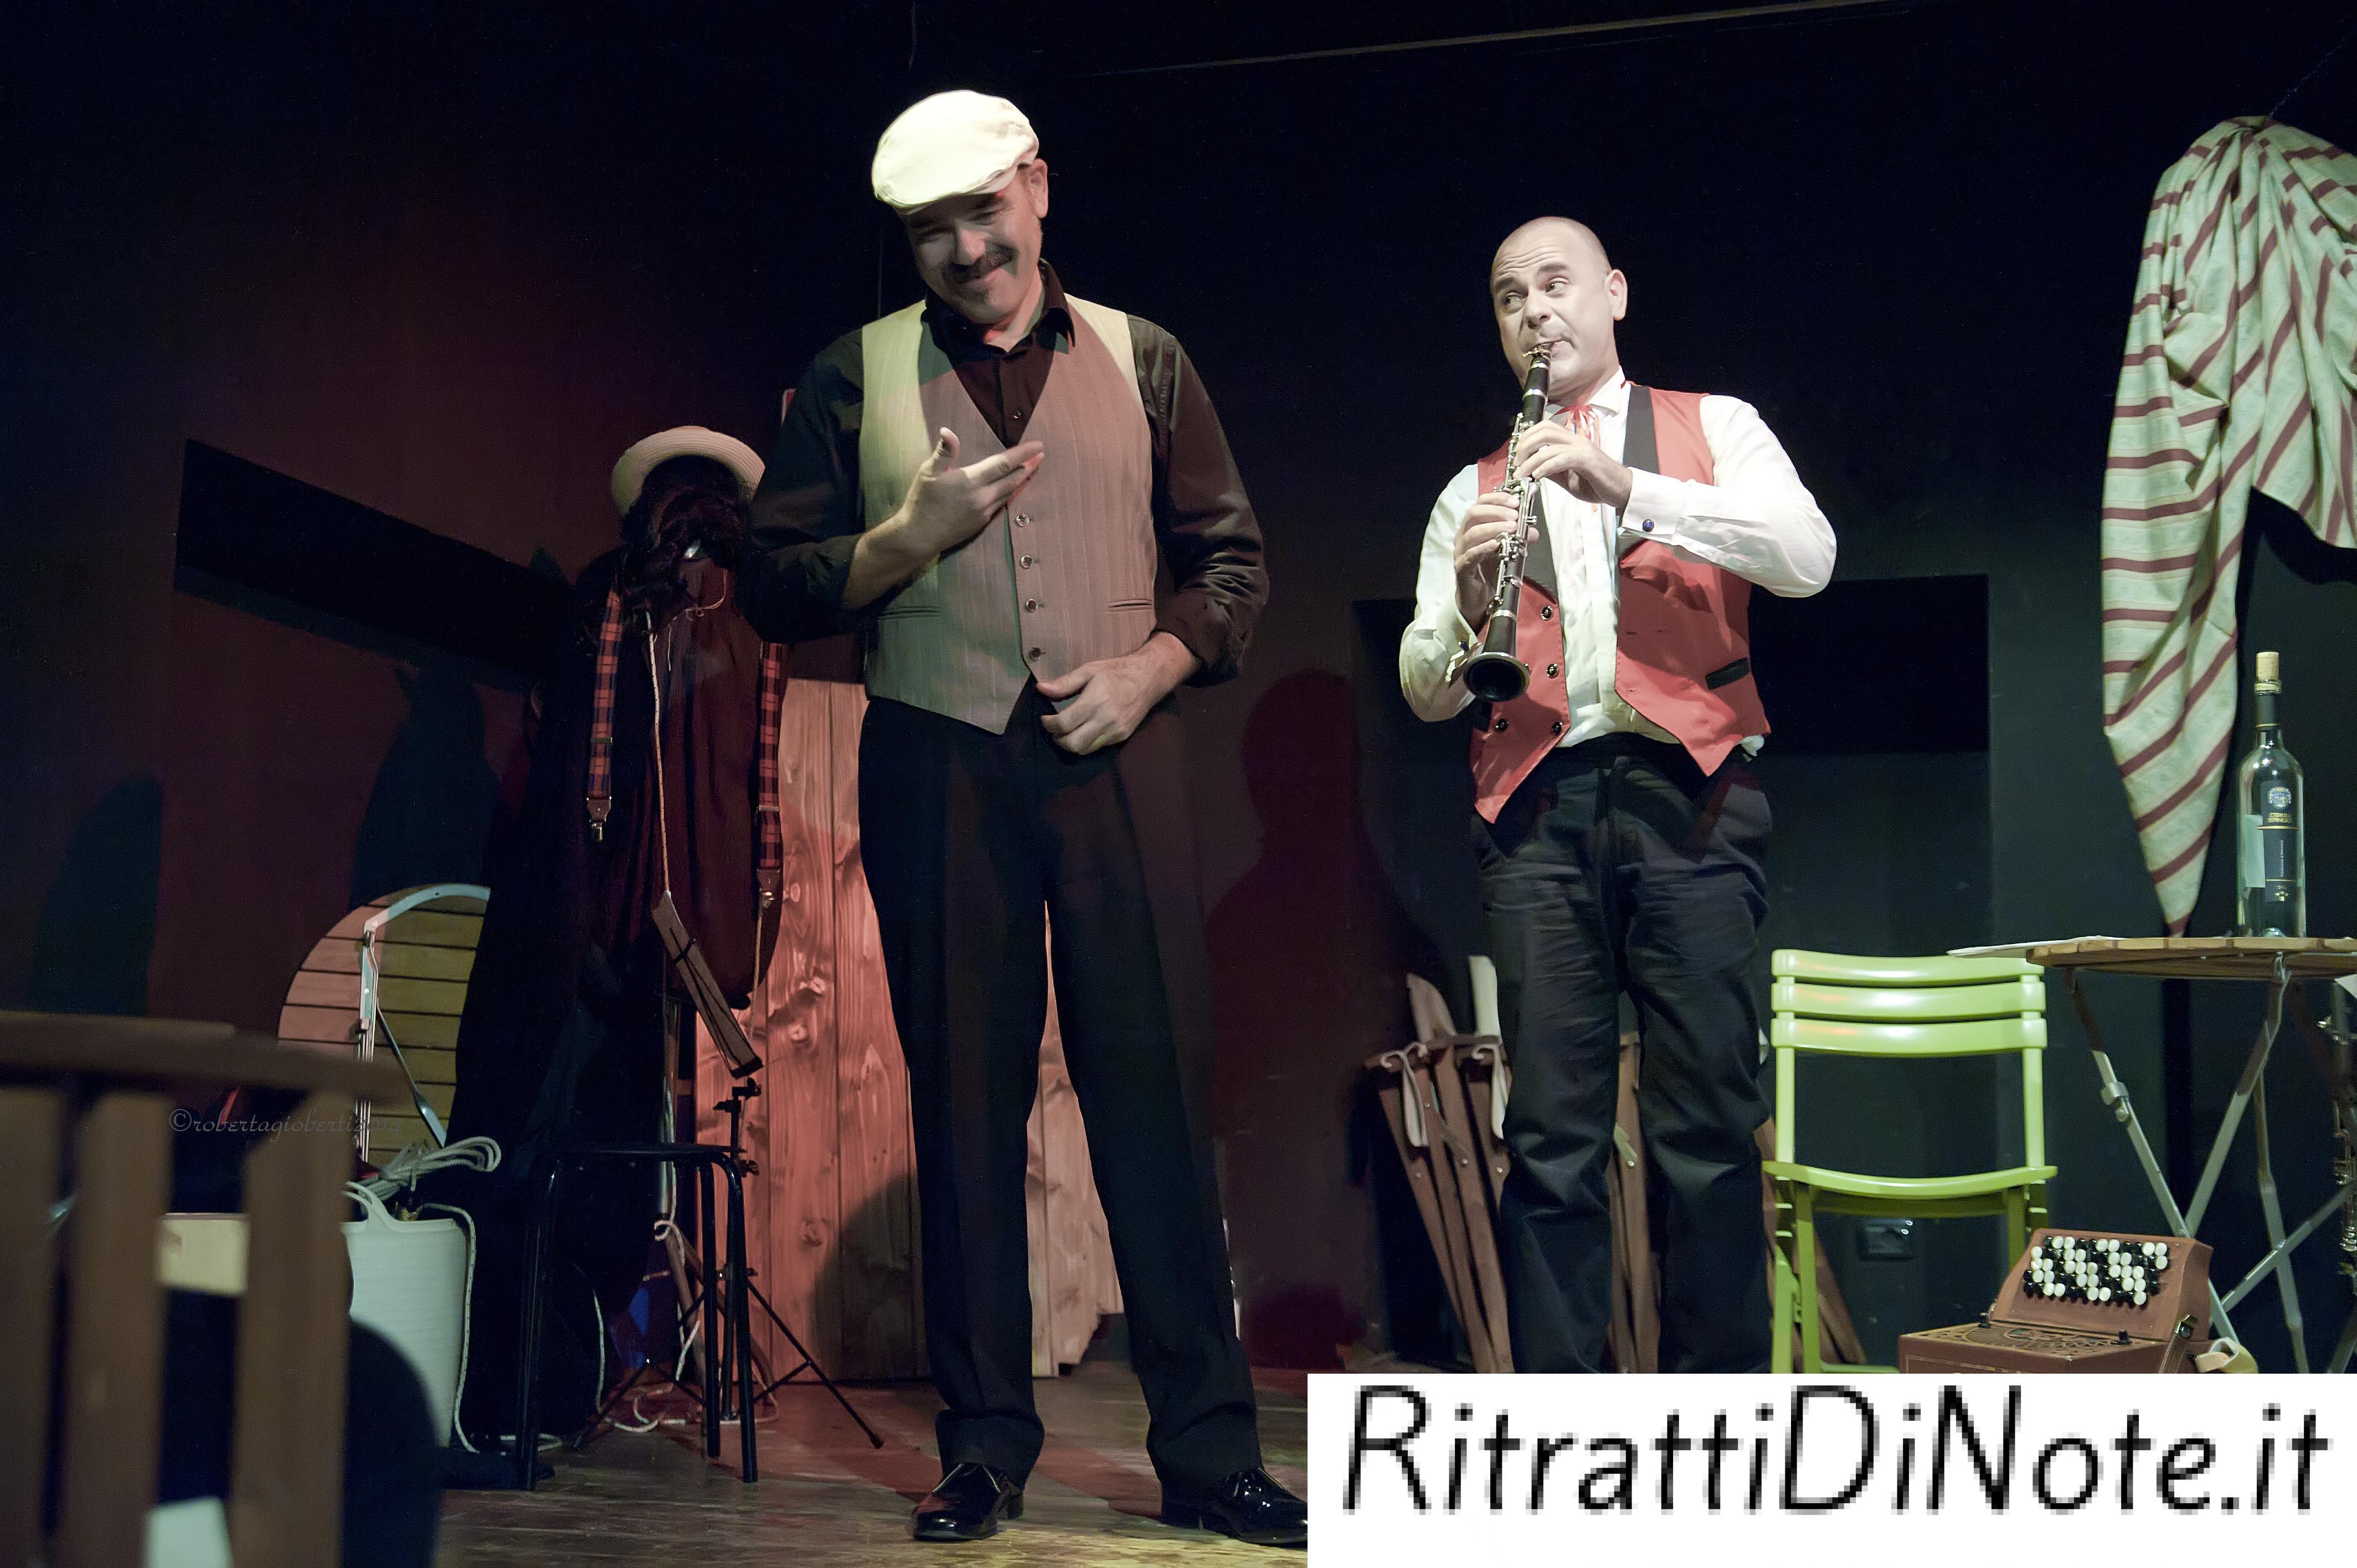 Trio Mortacci @ L'Archivio 14 Ph Roberta Giobertii